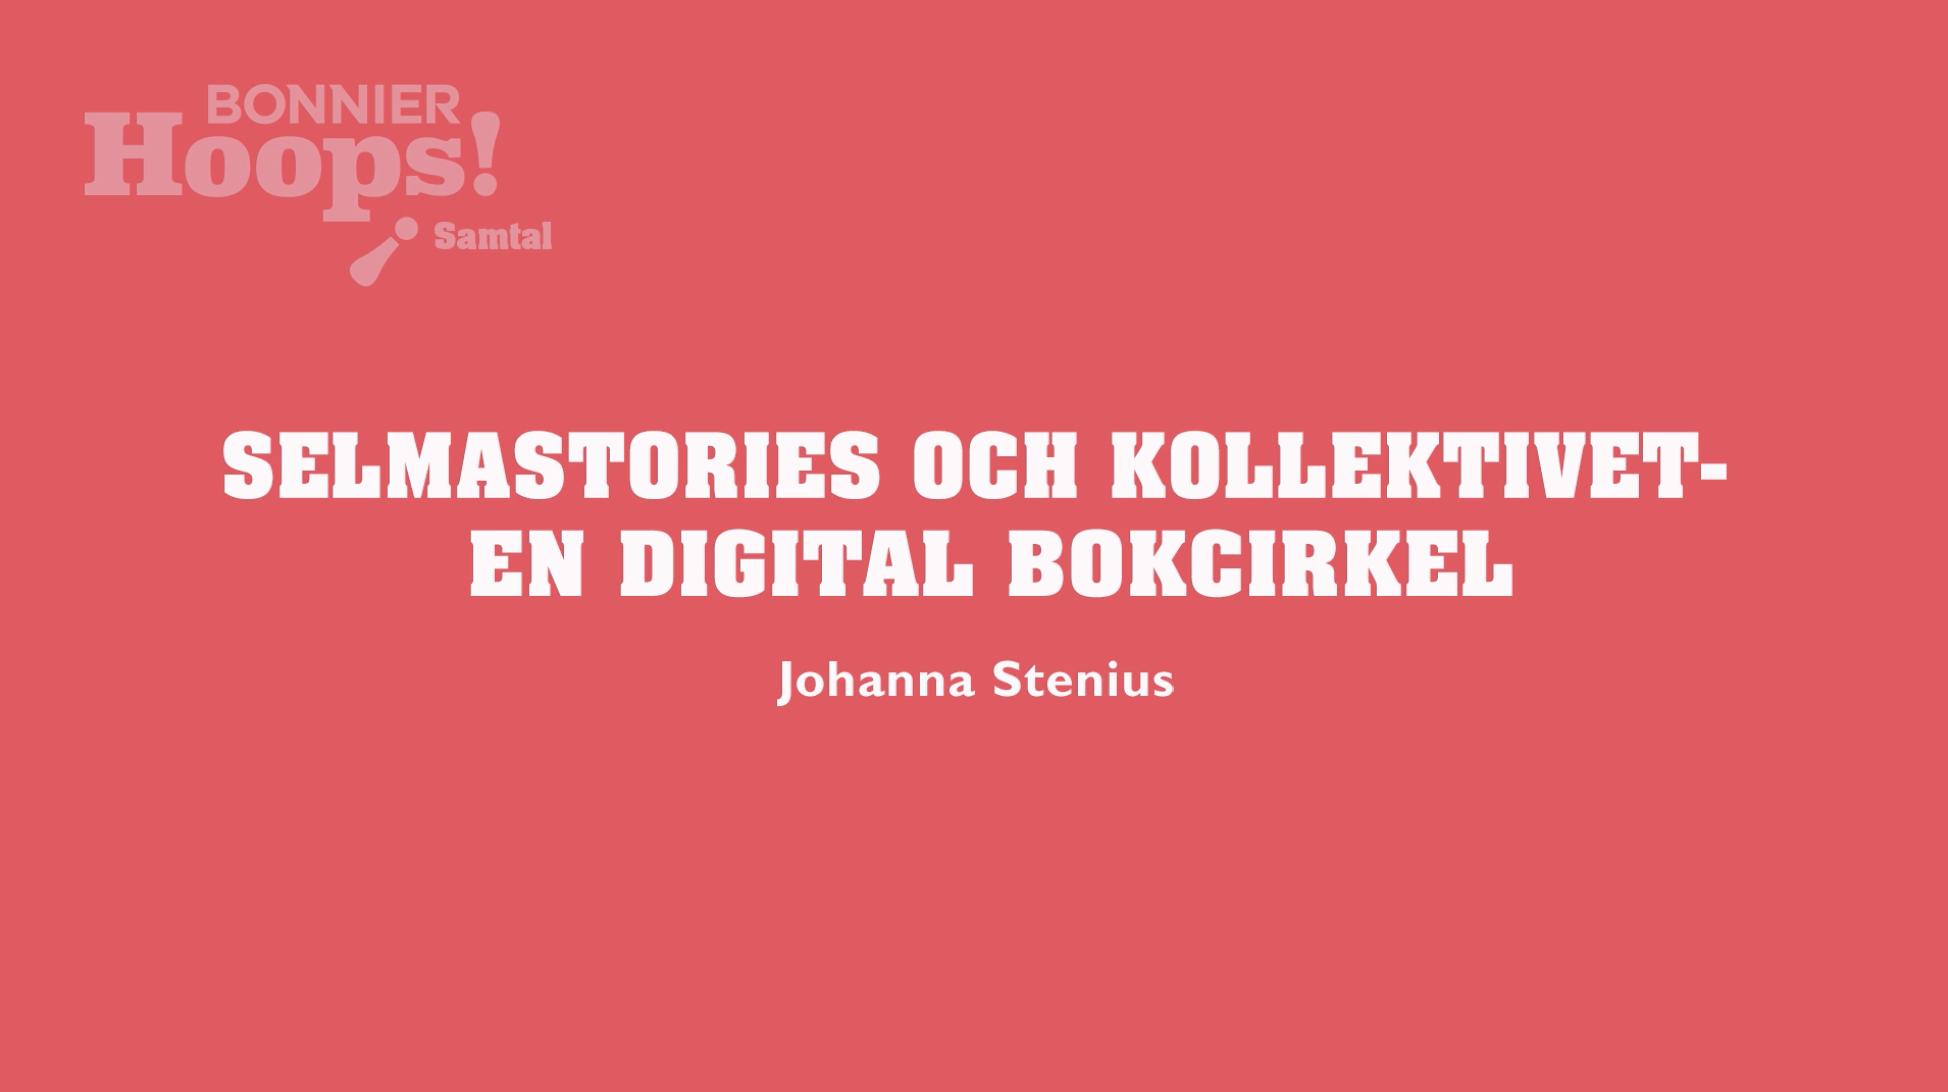 SelmaStories och Kollektivet – En digital bokcirkel